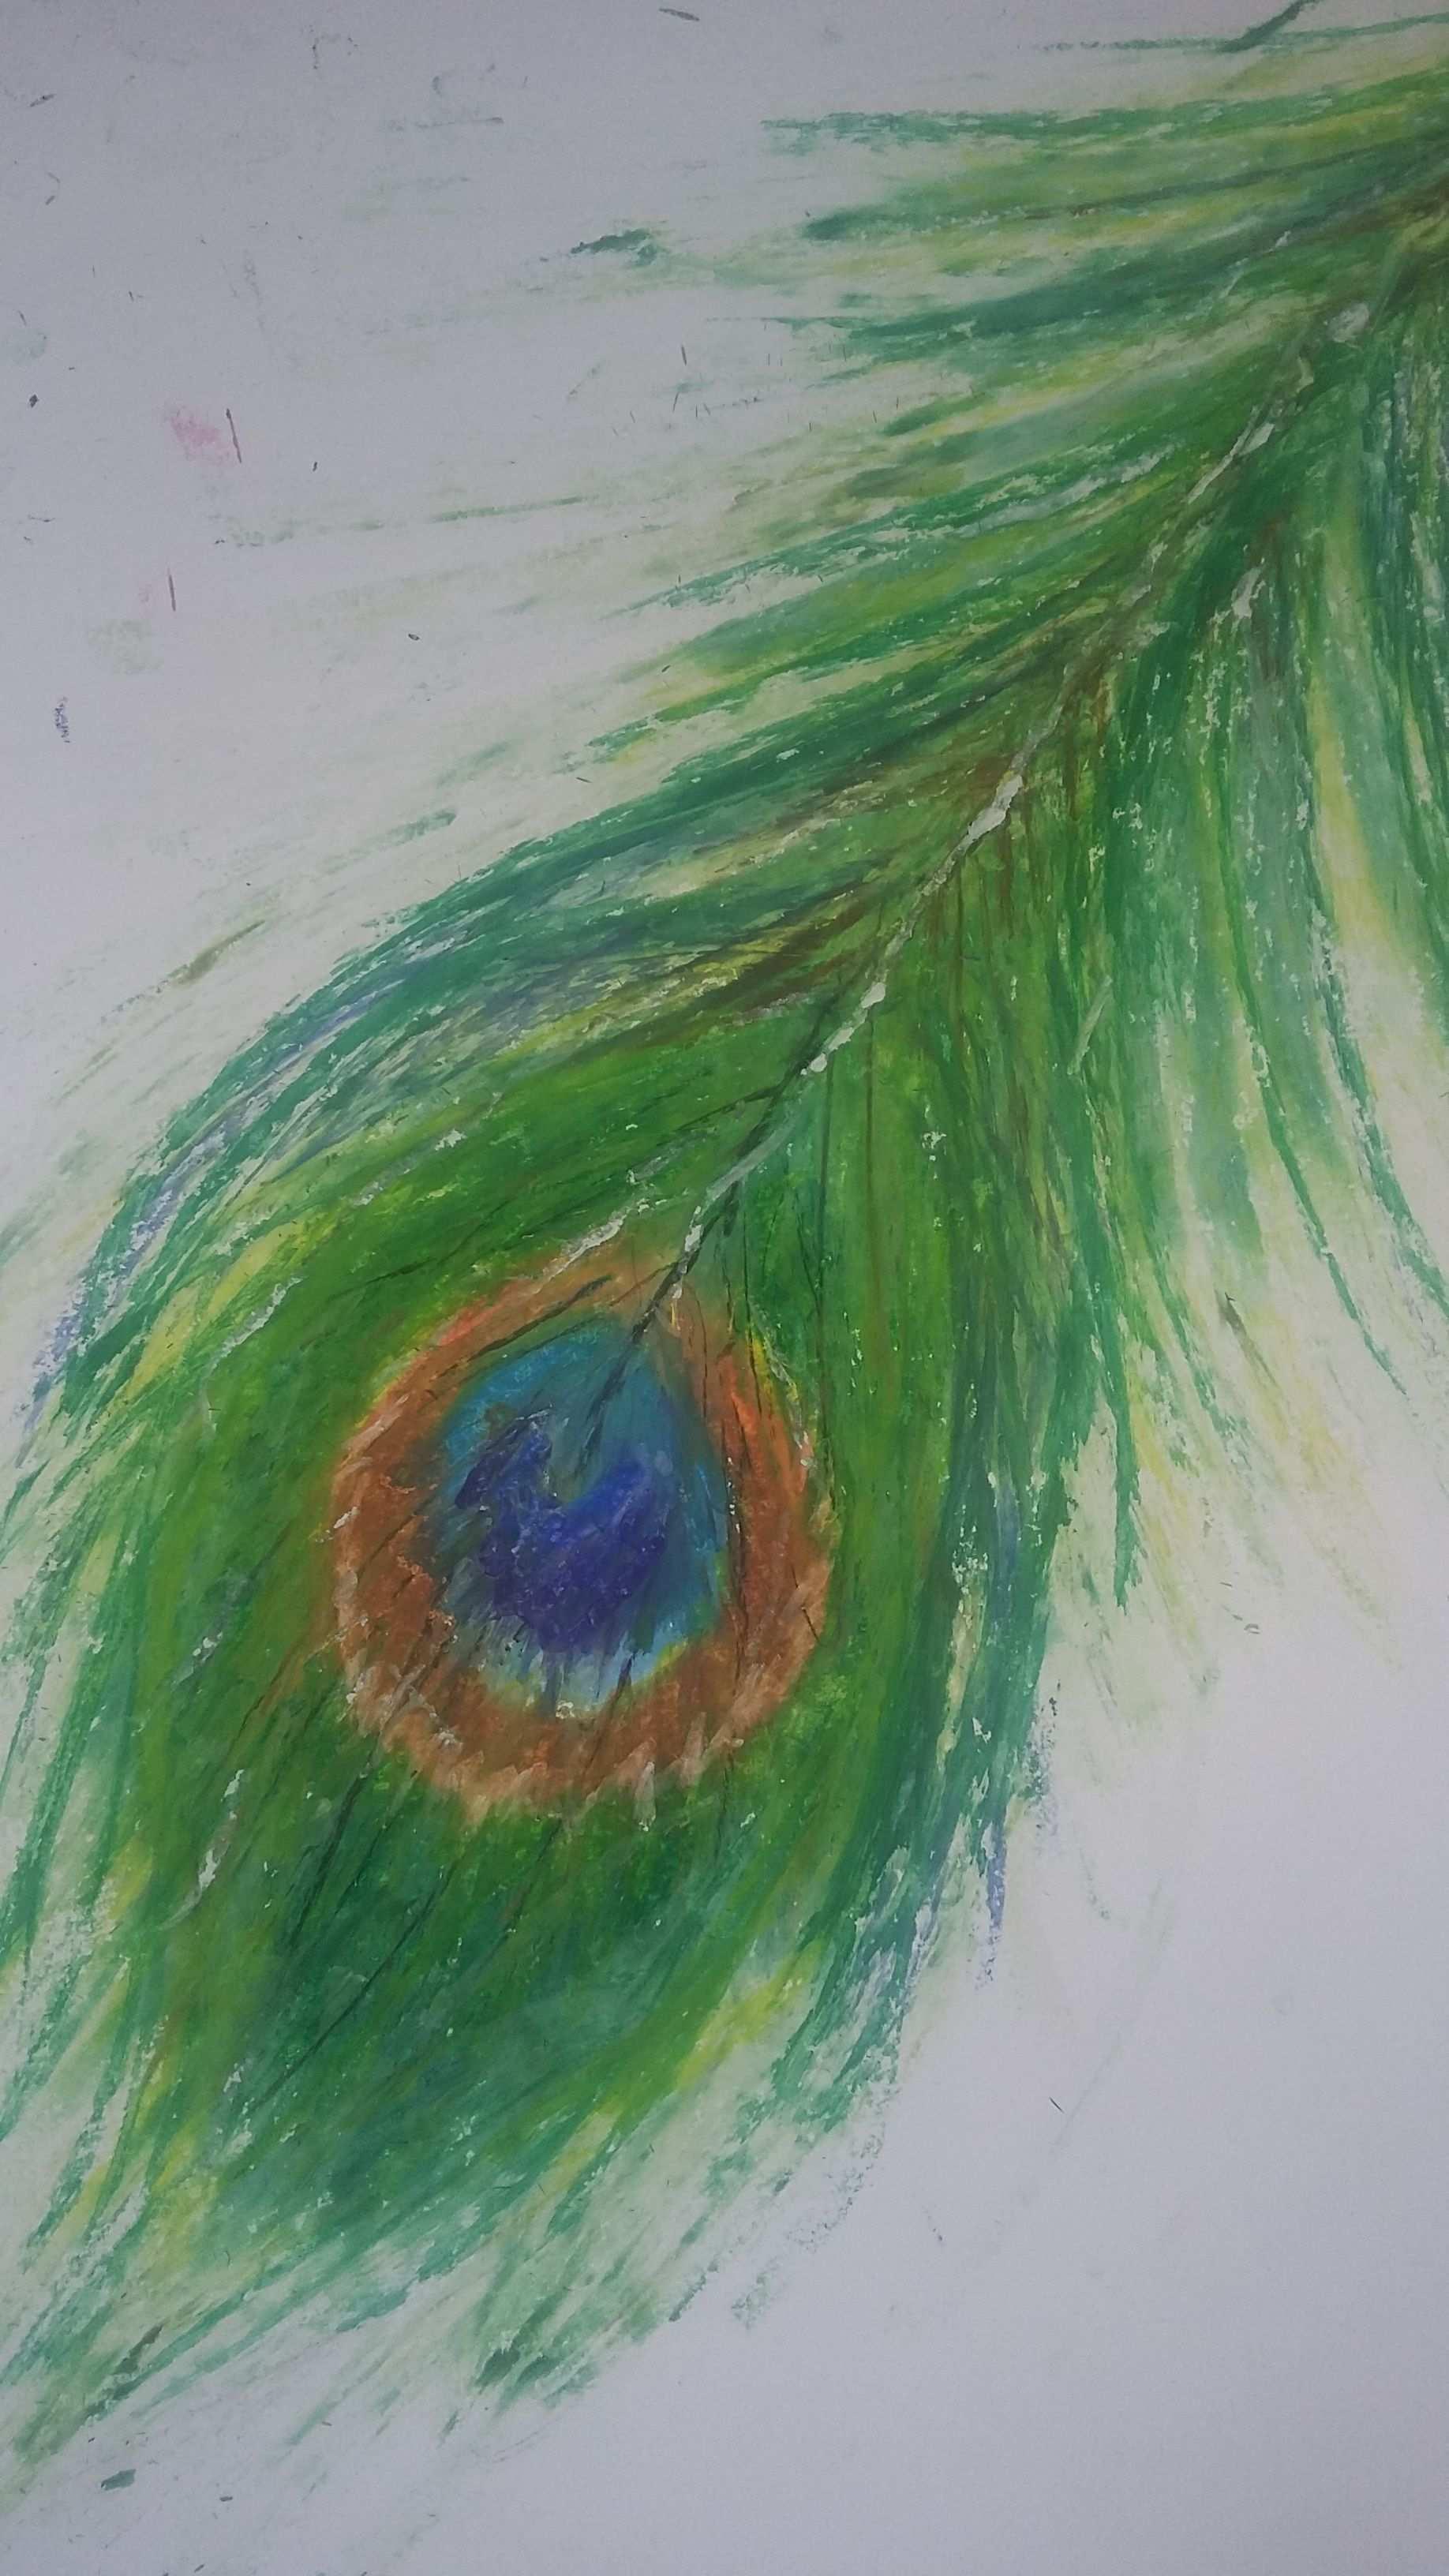 Peacock Feather Drawing Pfauenfeder Pfau Olkreide Zeichnung Olkreide Malen Zeichnungen Malen Und Zeichnen